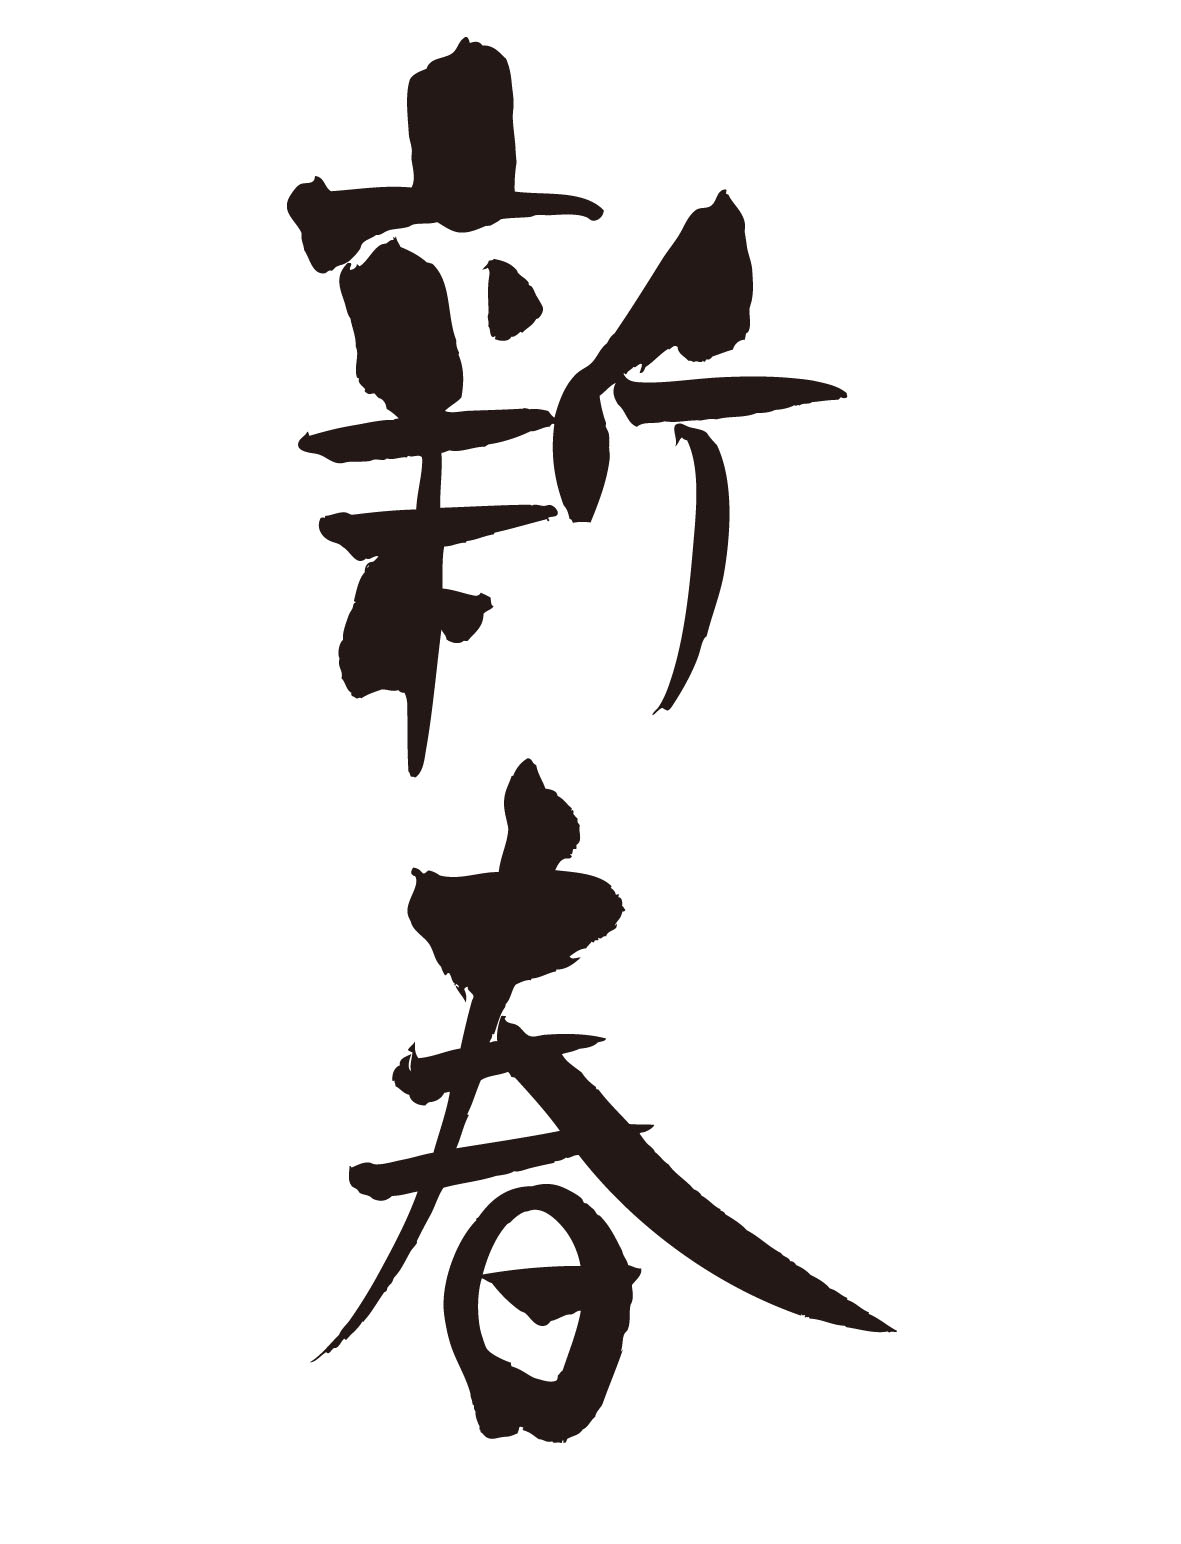 http://shinko-pk.co.jp/blog/%E6%96%B0%E6%98%A5.jpg